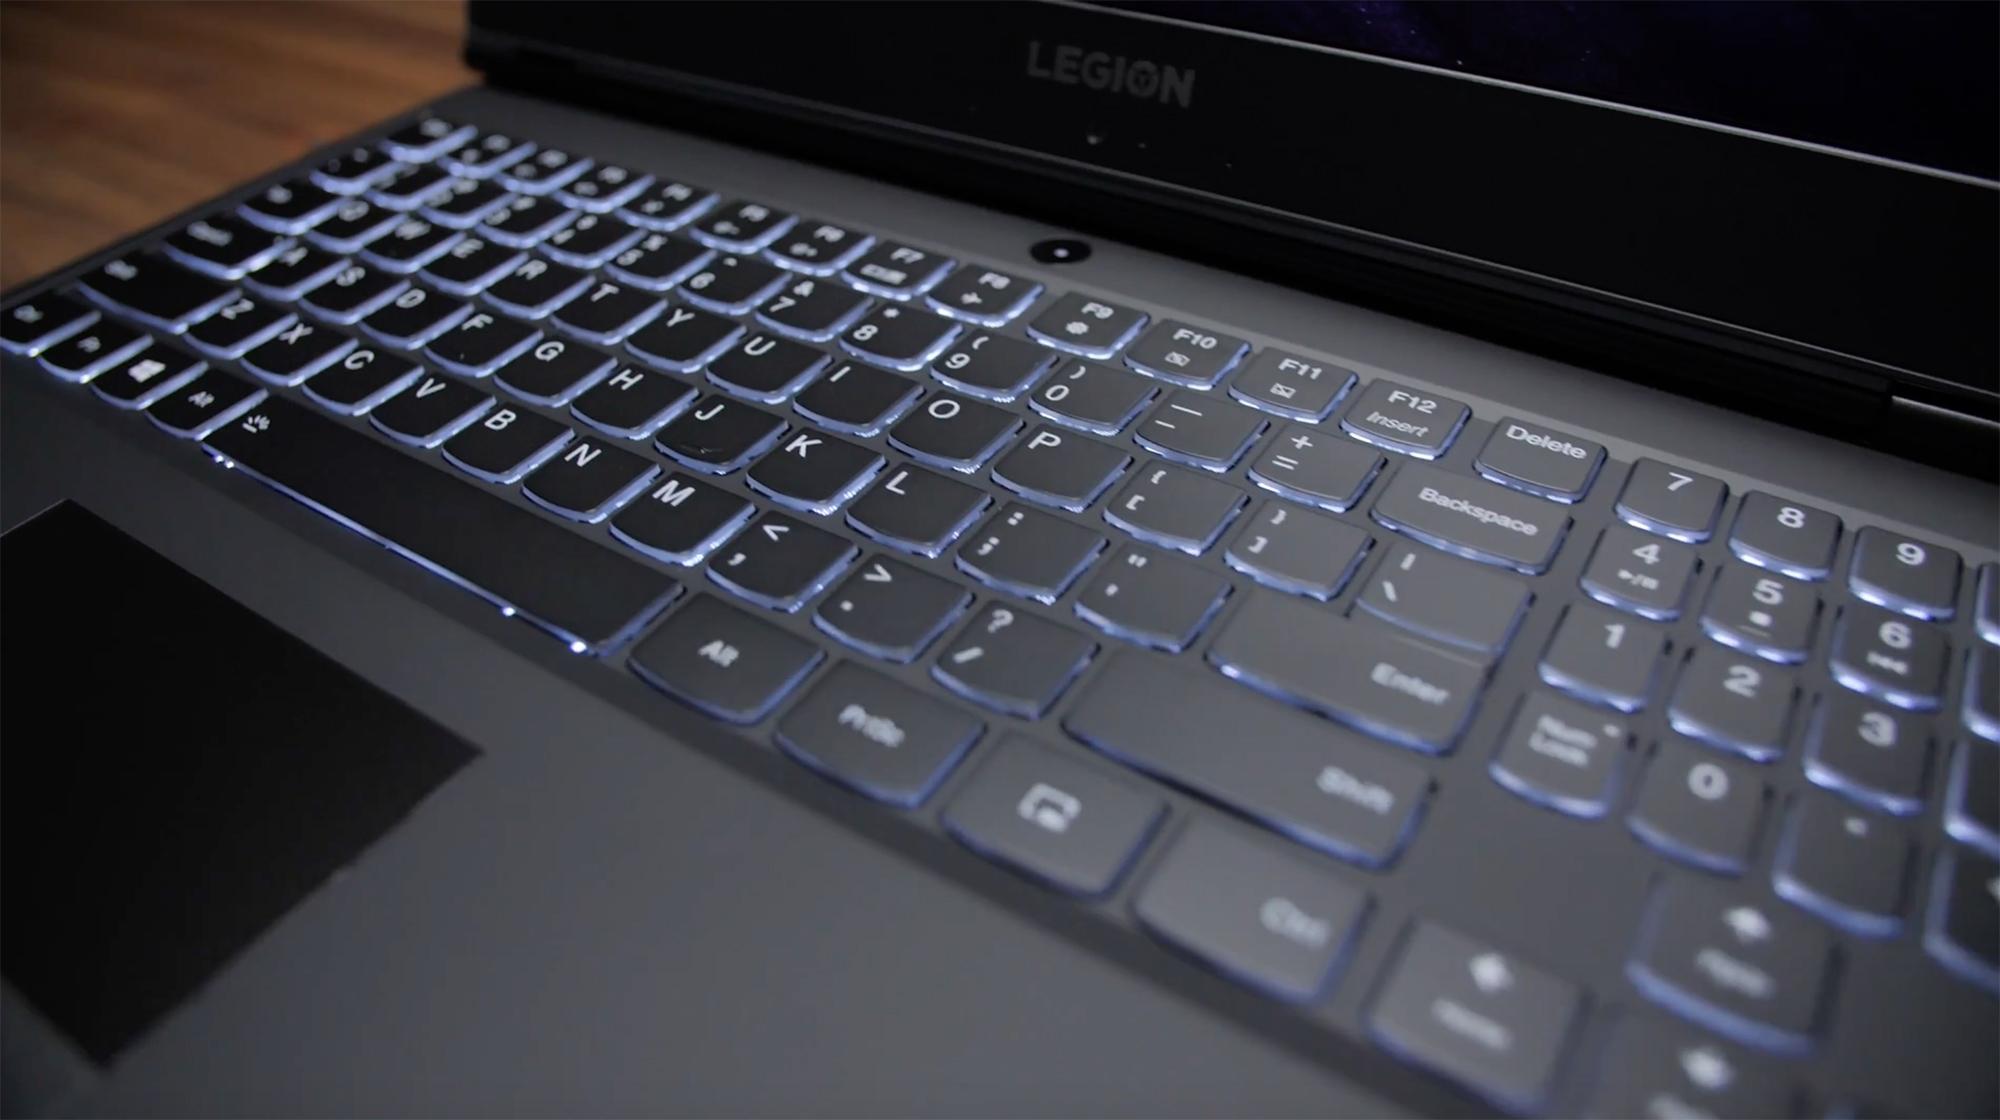 Legion Y540 do teclado retroiluminado na cor branca